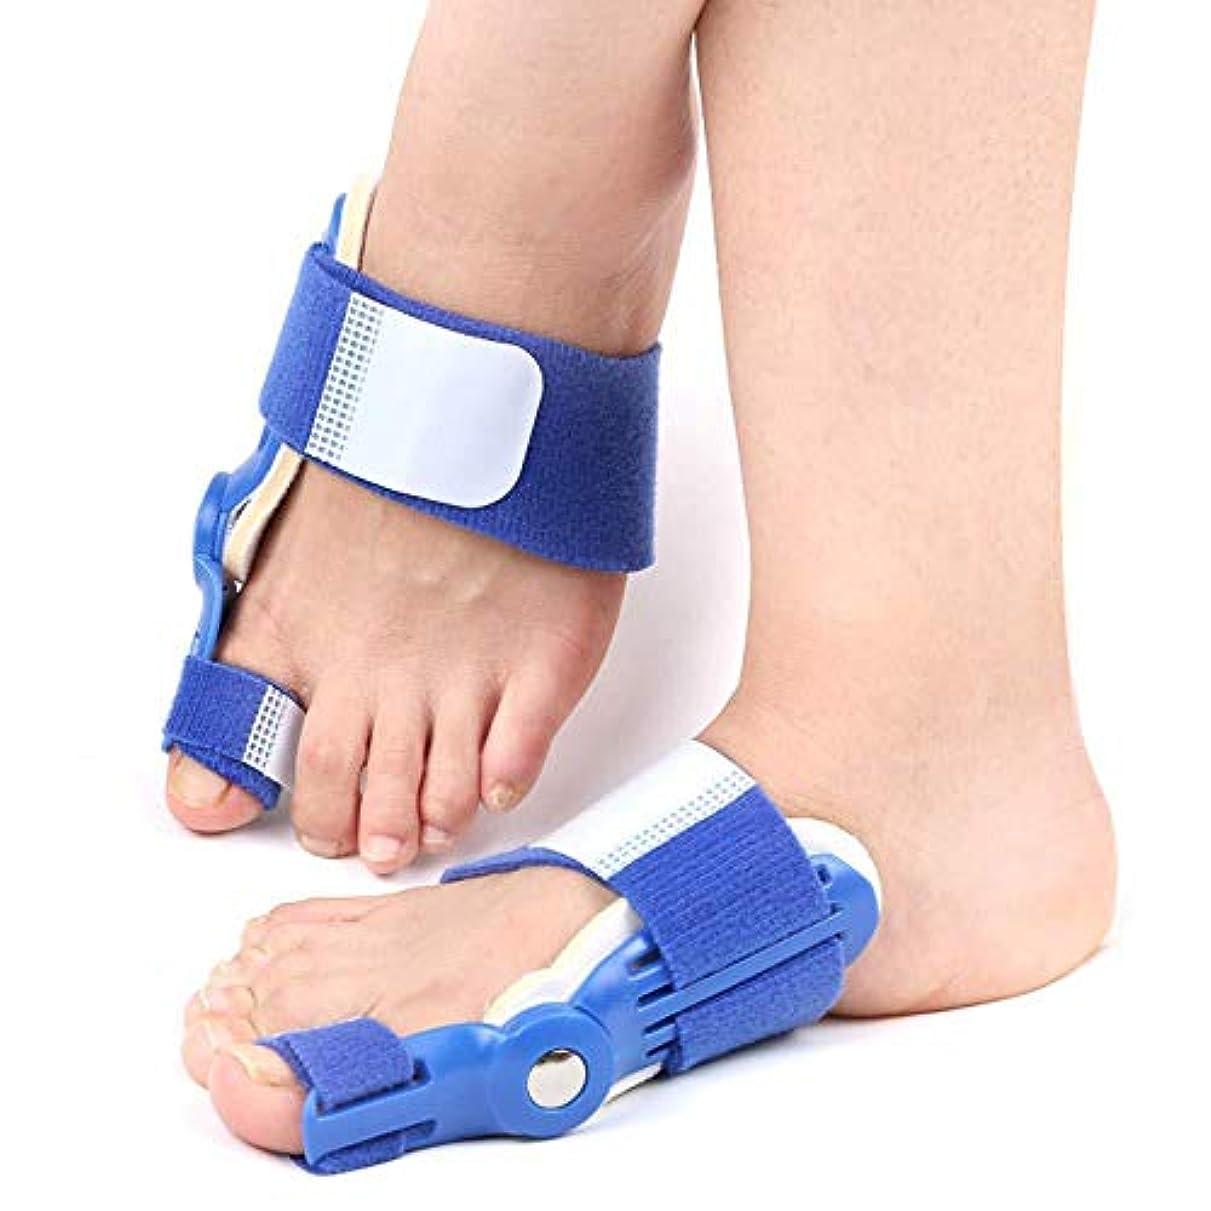 販売員崩壊補足腱膜瘤矯正、足の親指のアライメント矯正矯正外科的疼痛緩和と腱膜瘤のサポートなしの腱膜瘤治療